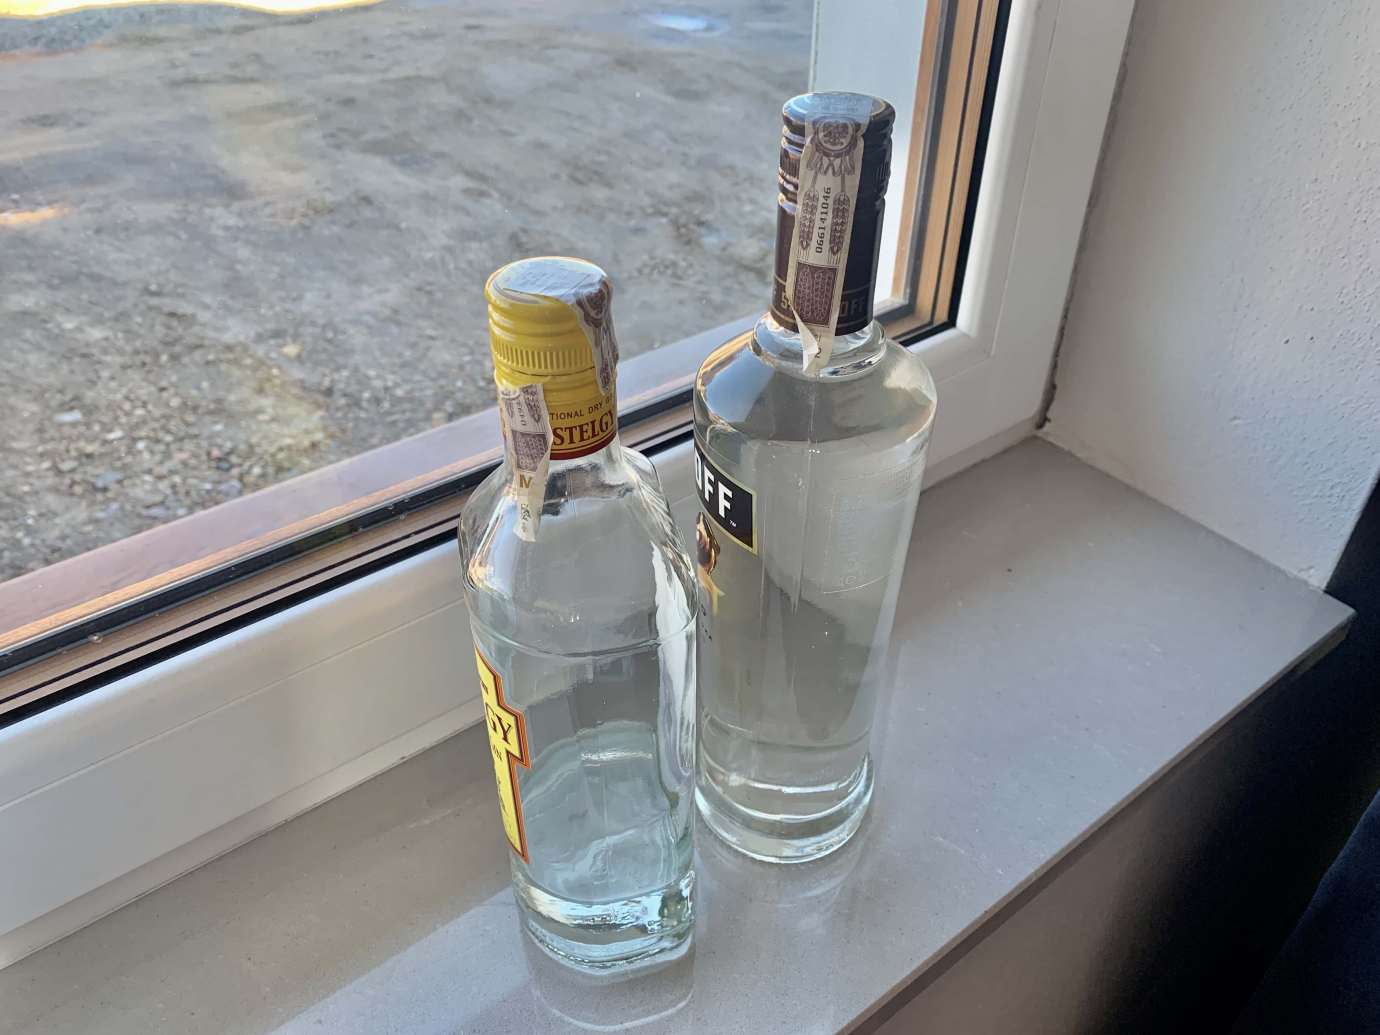 img 6305 16 latek, założył się, że ukradnie 2 butelki wódki i nie da się złapać